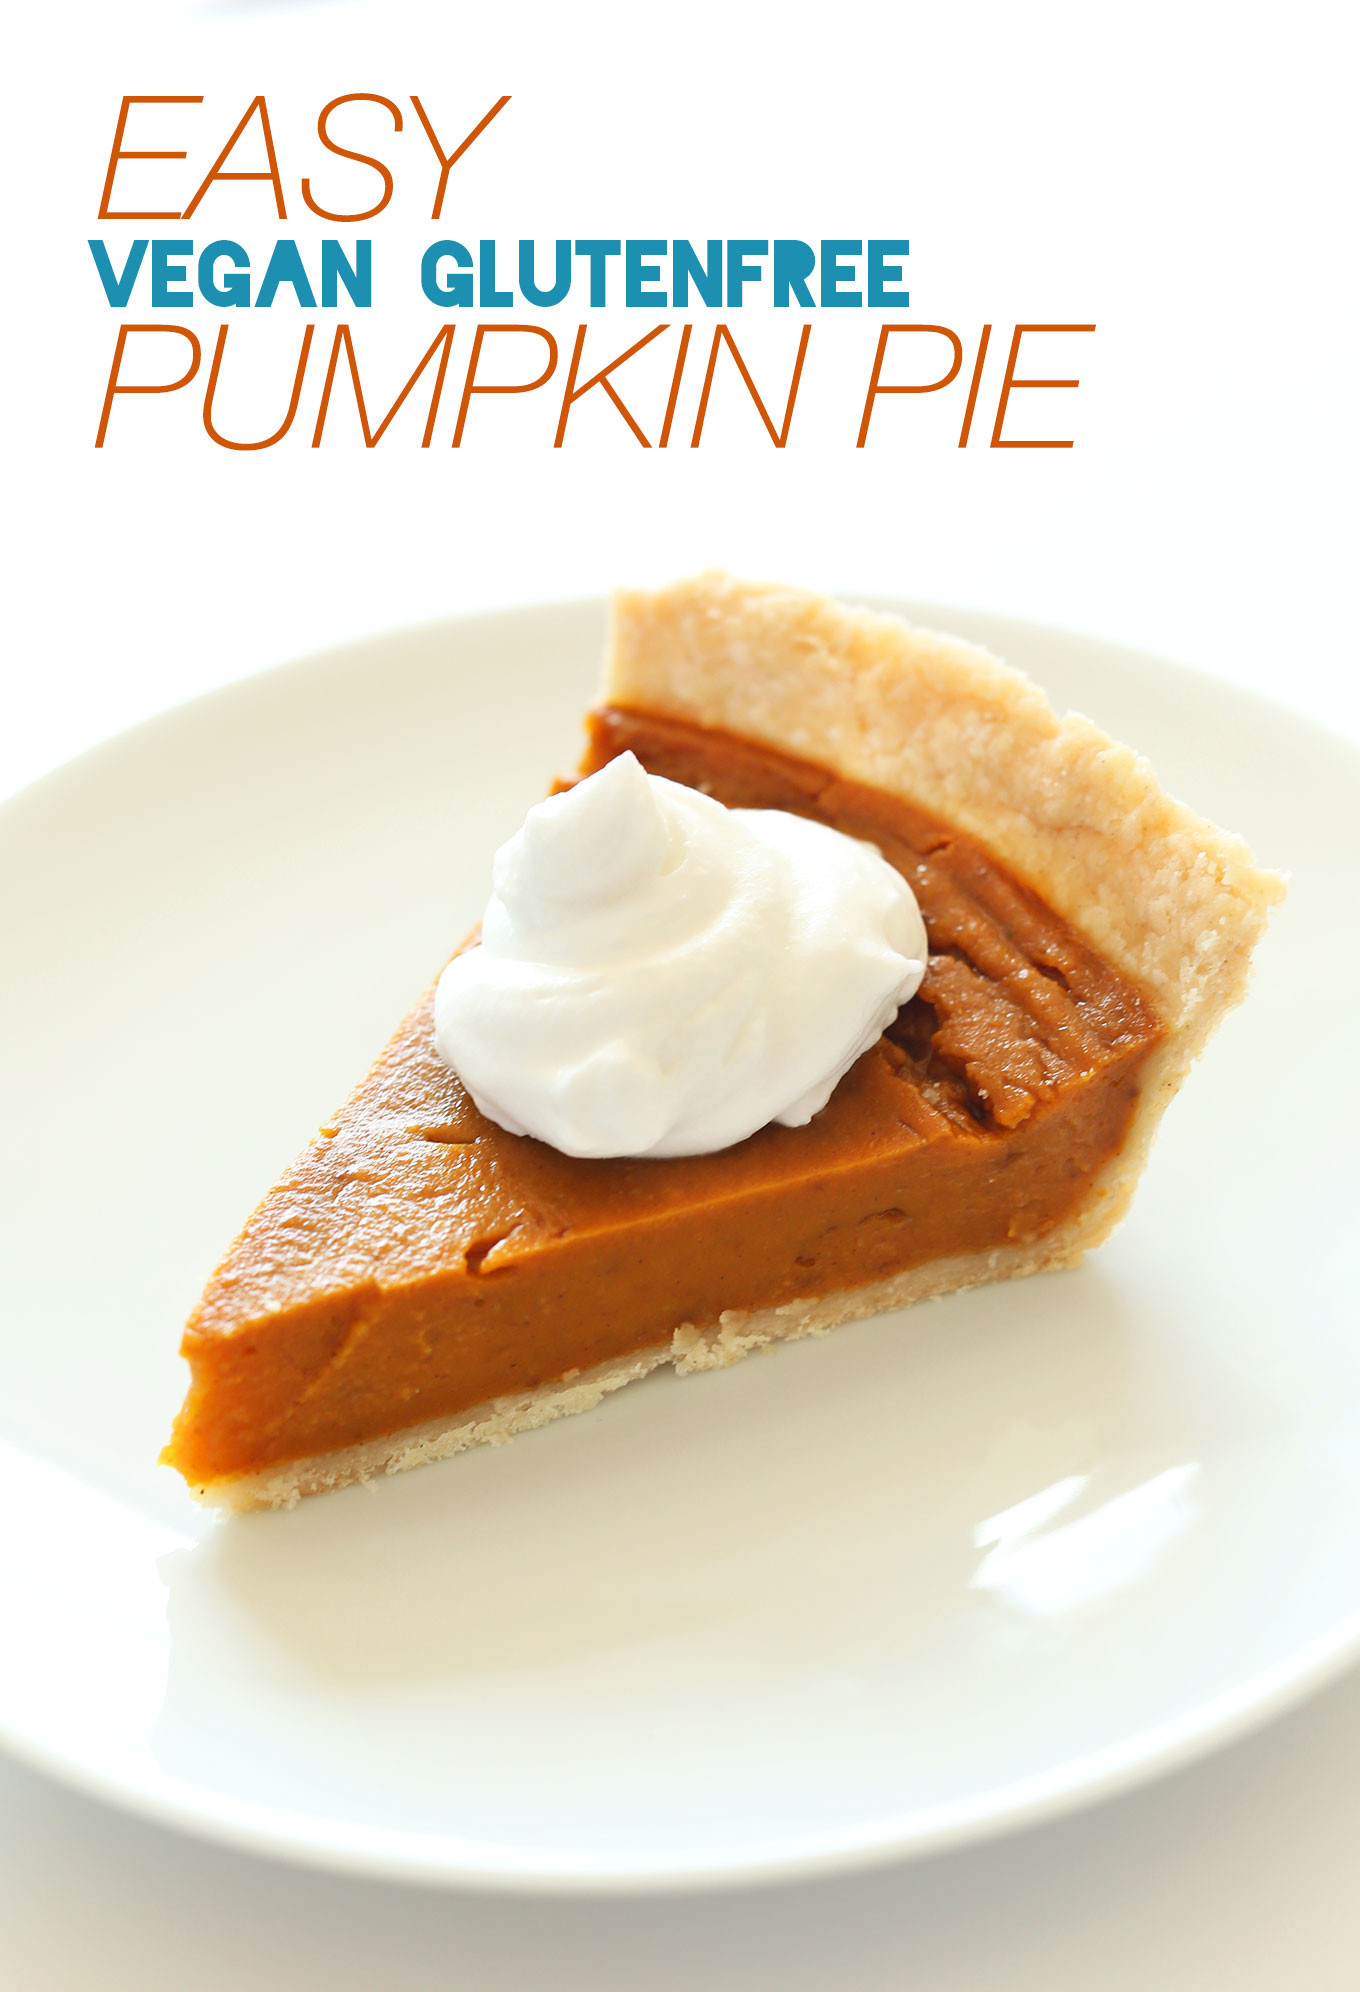 Gluten Free Pumpkin Pie  Vegan Gluten Free Pumpkin Pie